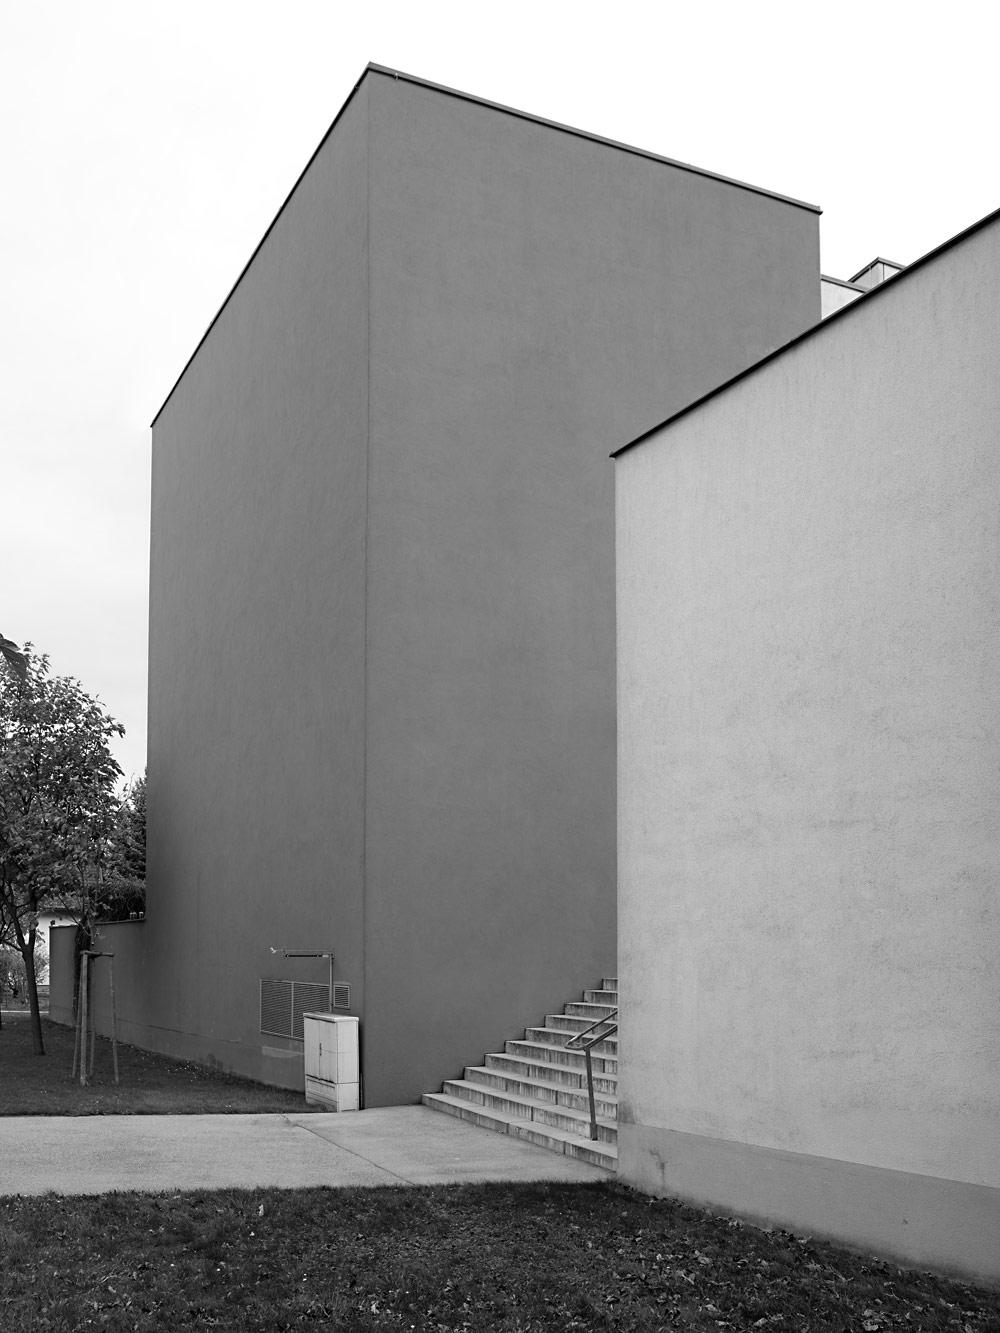 Здания, © Джанмария Гава, 1 место, категория «Архитектура», профессионал, Фотоконкурс Sony World Photography Awards